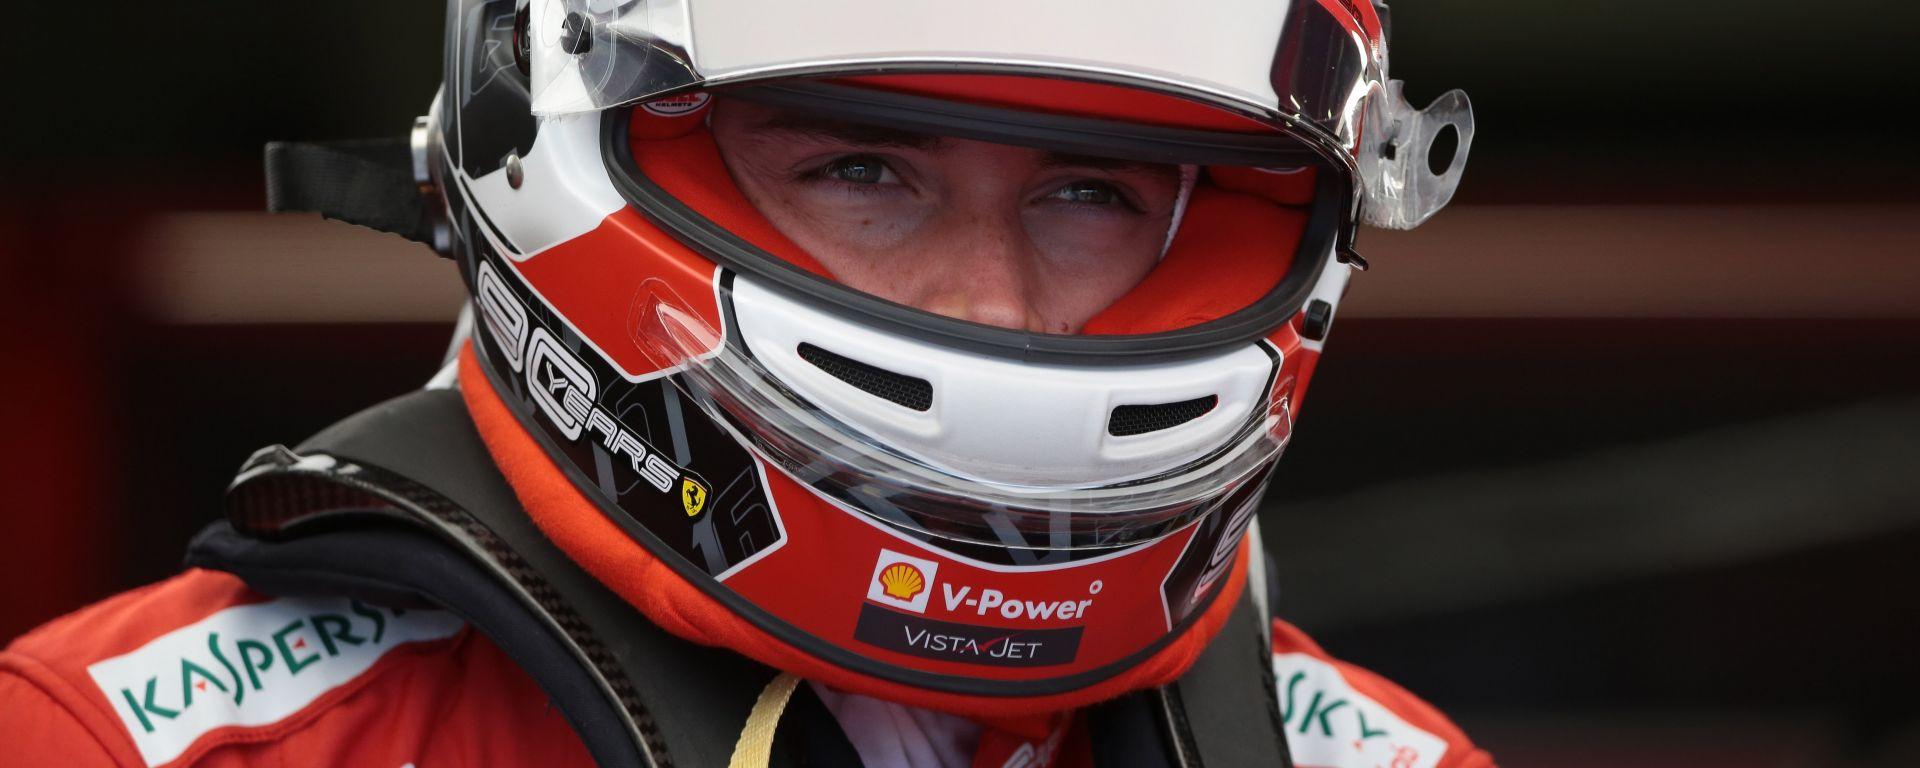 GP Gran Bretagna 2019, Silverstone, lo sguardo grintoso di Charles Leclerc (Ferrari)